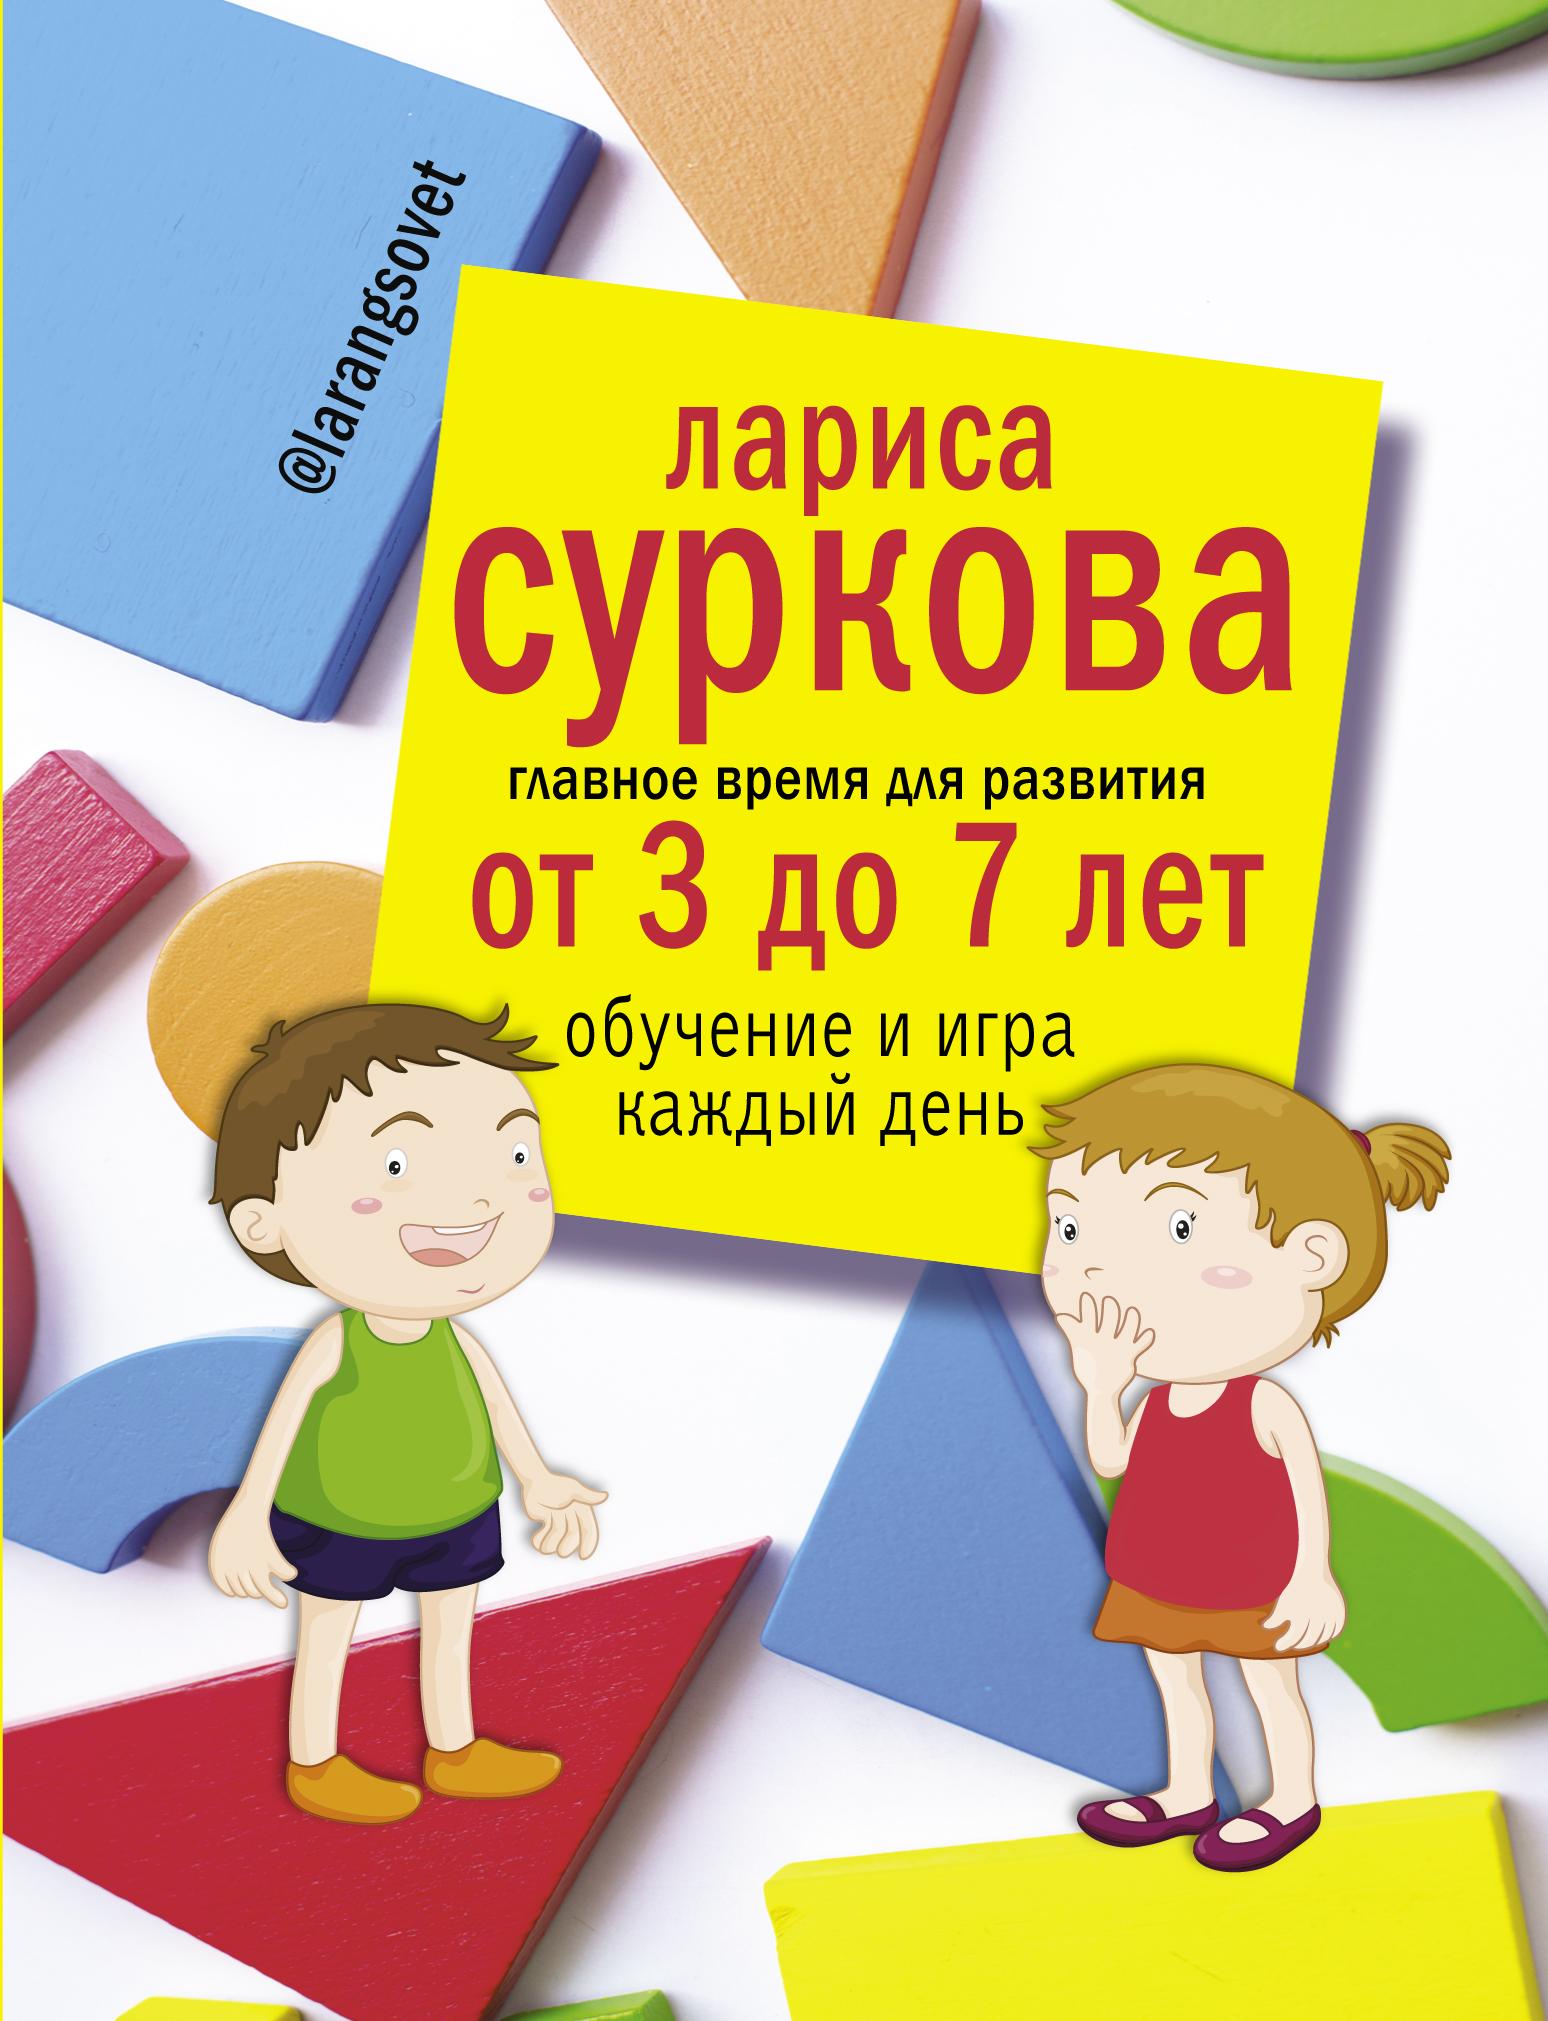 Суркова Л.М. Главное время для развития от 3 до 7 лет: обучение и игра каждый день